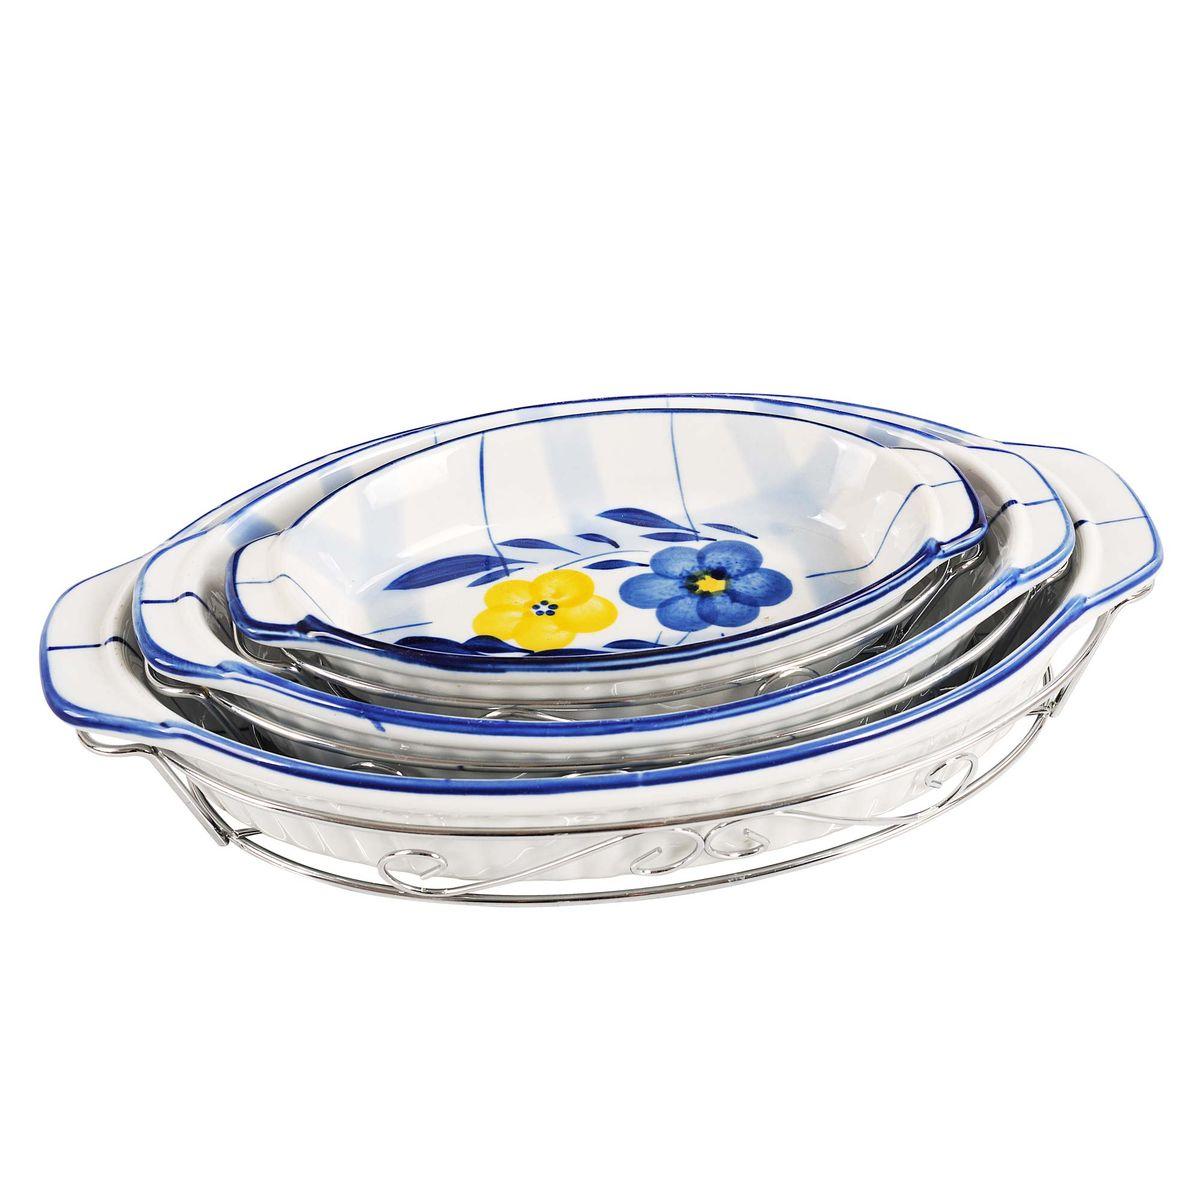 Набор блюд BK-7307 из 6 прVT-1520(SR)3 блюдана подставке метал.:(20,5*11,5*3,5; 25,5*15,5*4; 30,5*18*4см). Состав: жаропр. керамика.